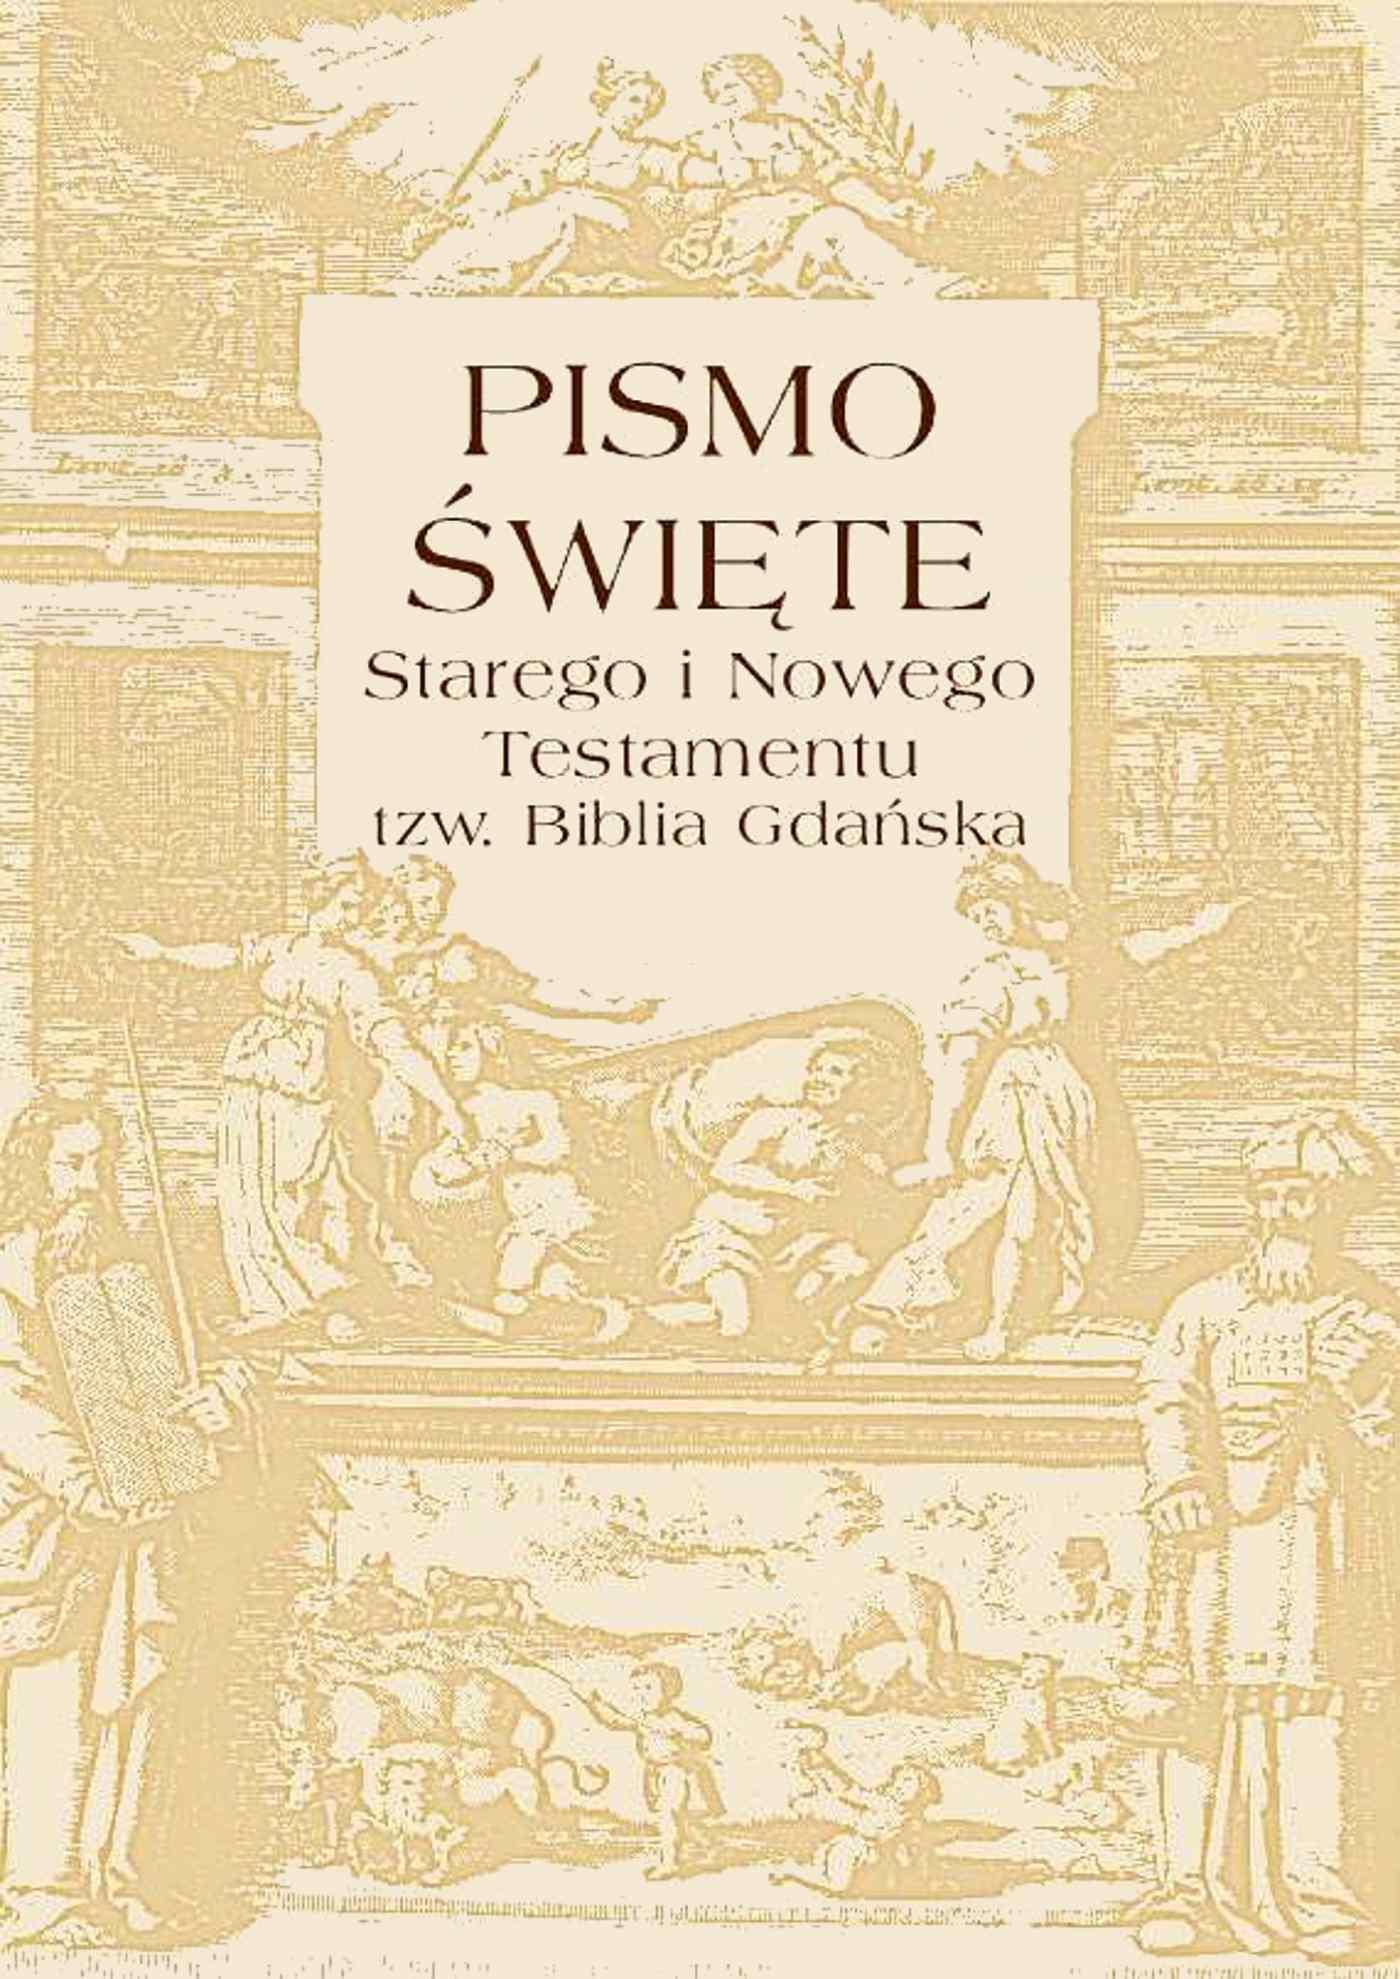 Pismo Święte Starego i Nowego Testamentu – tzw. Biblia Gdańska - Ebook (Książka EPUB) do pobrania w formacie EPUB